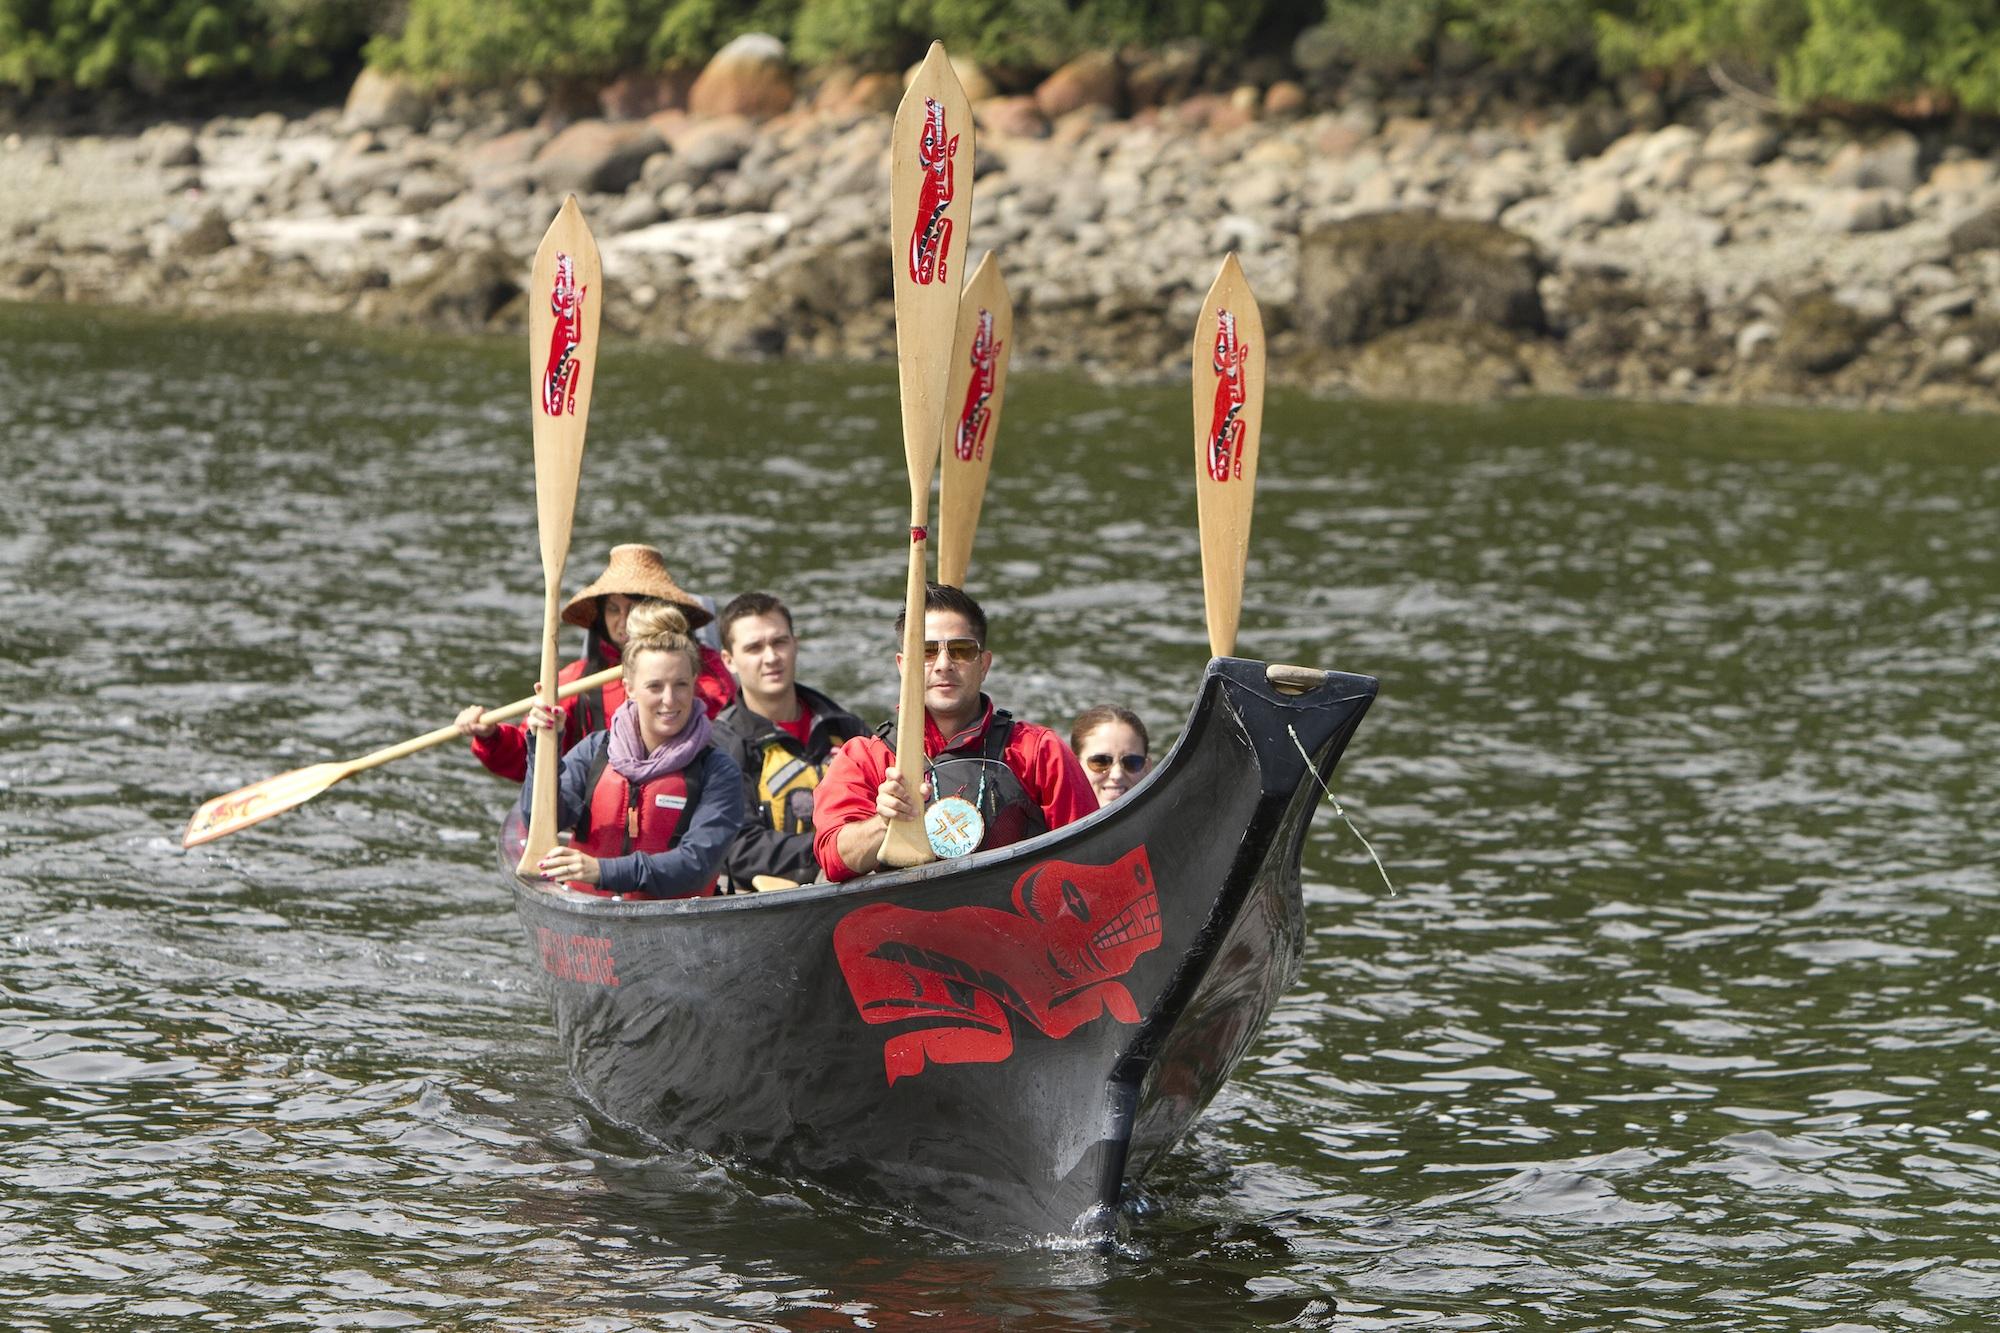 takaya-tours-paddles-up